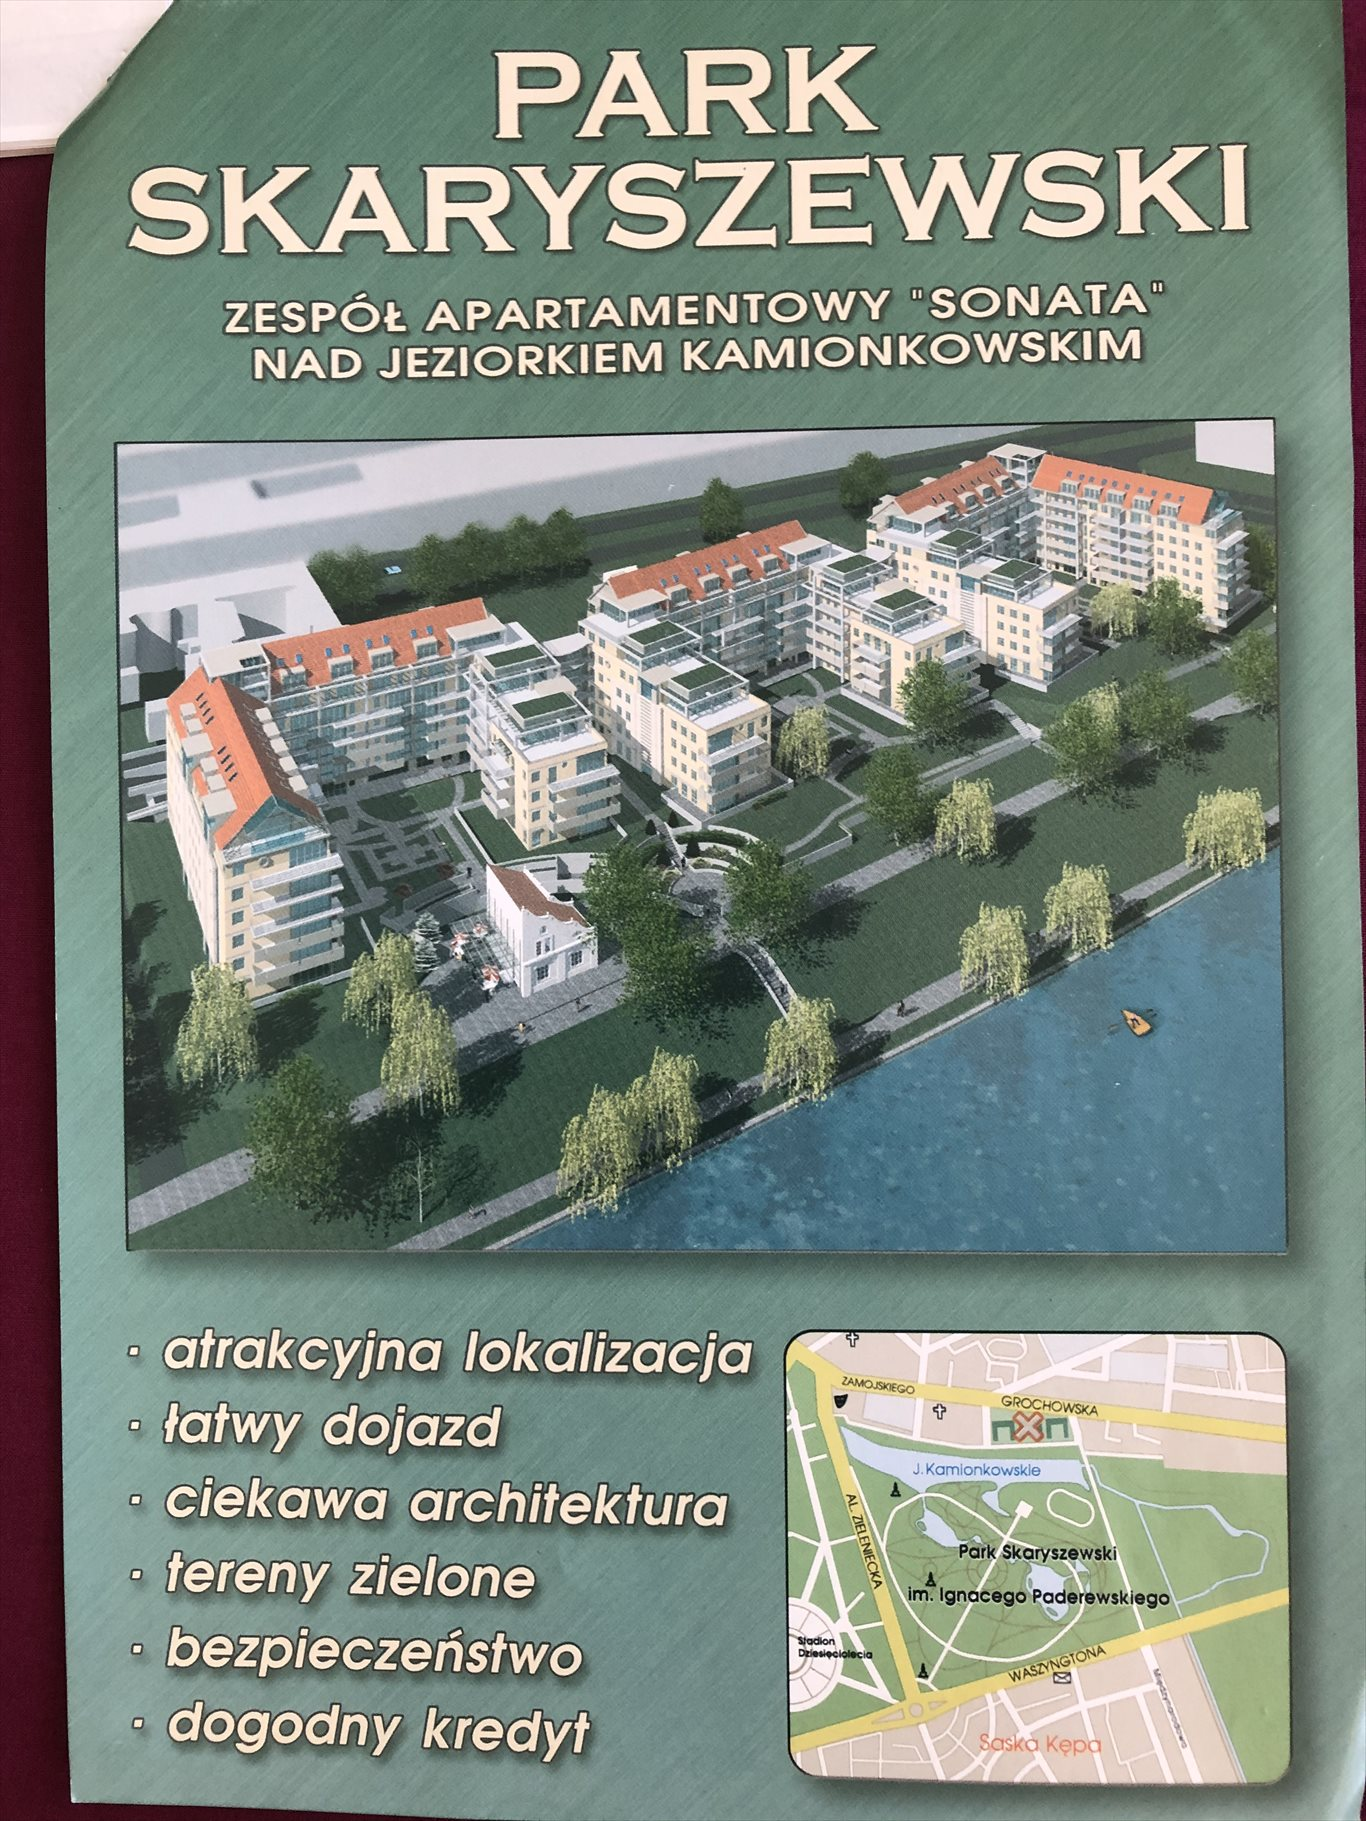 Kawalerka na sprzedaż Warszawa, Praga-Południe, Kamionek, Grochowska 341  37m2 Foto 1